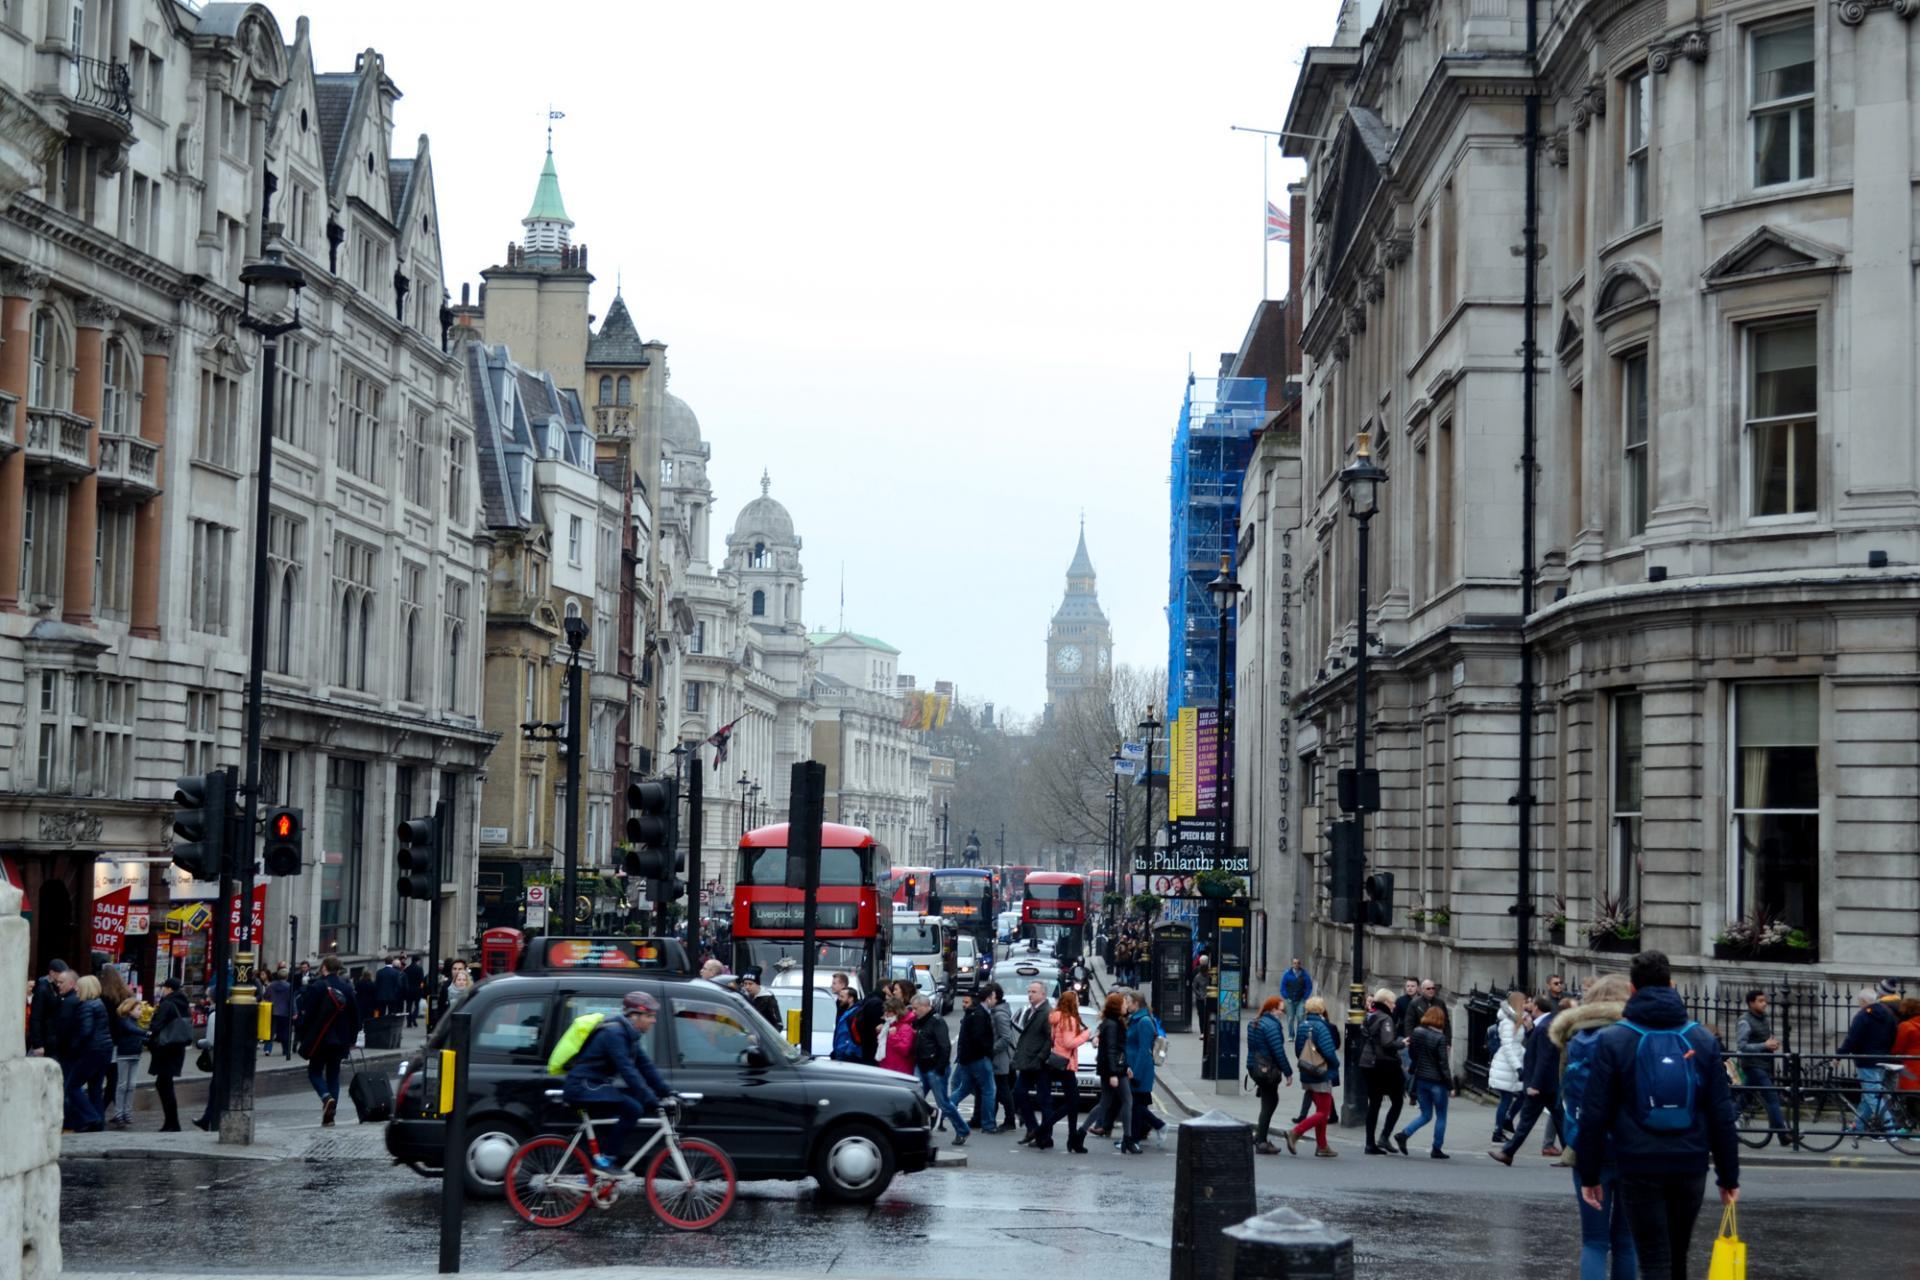 Londres, Trafalgar Square y el Big Ben al fondo